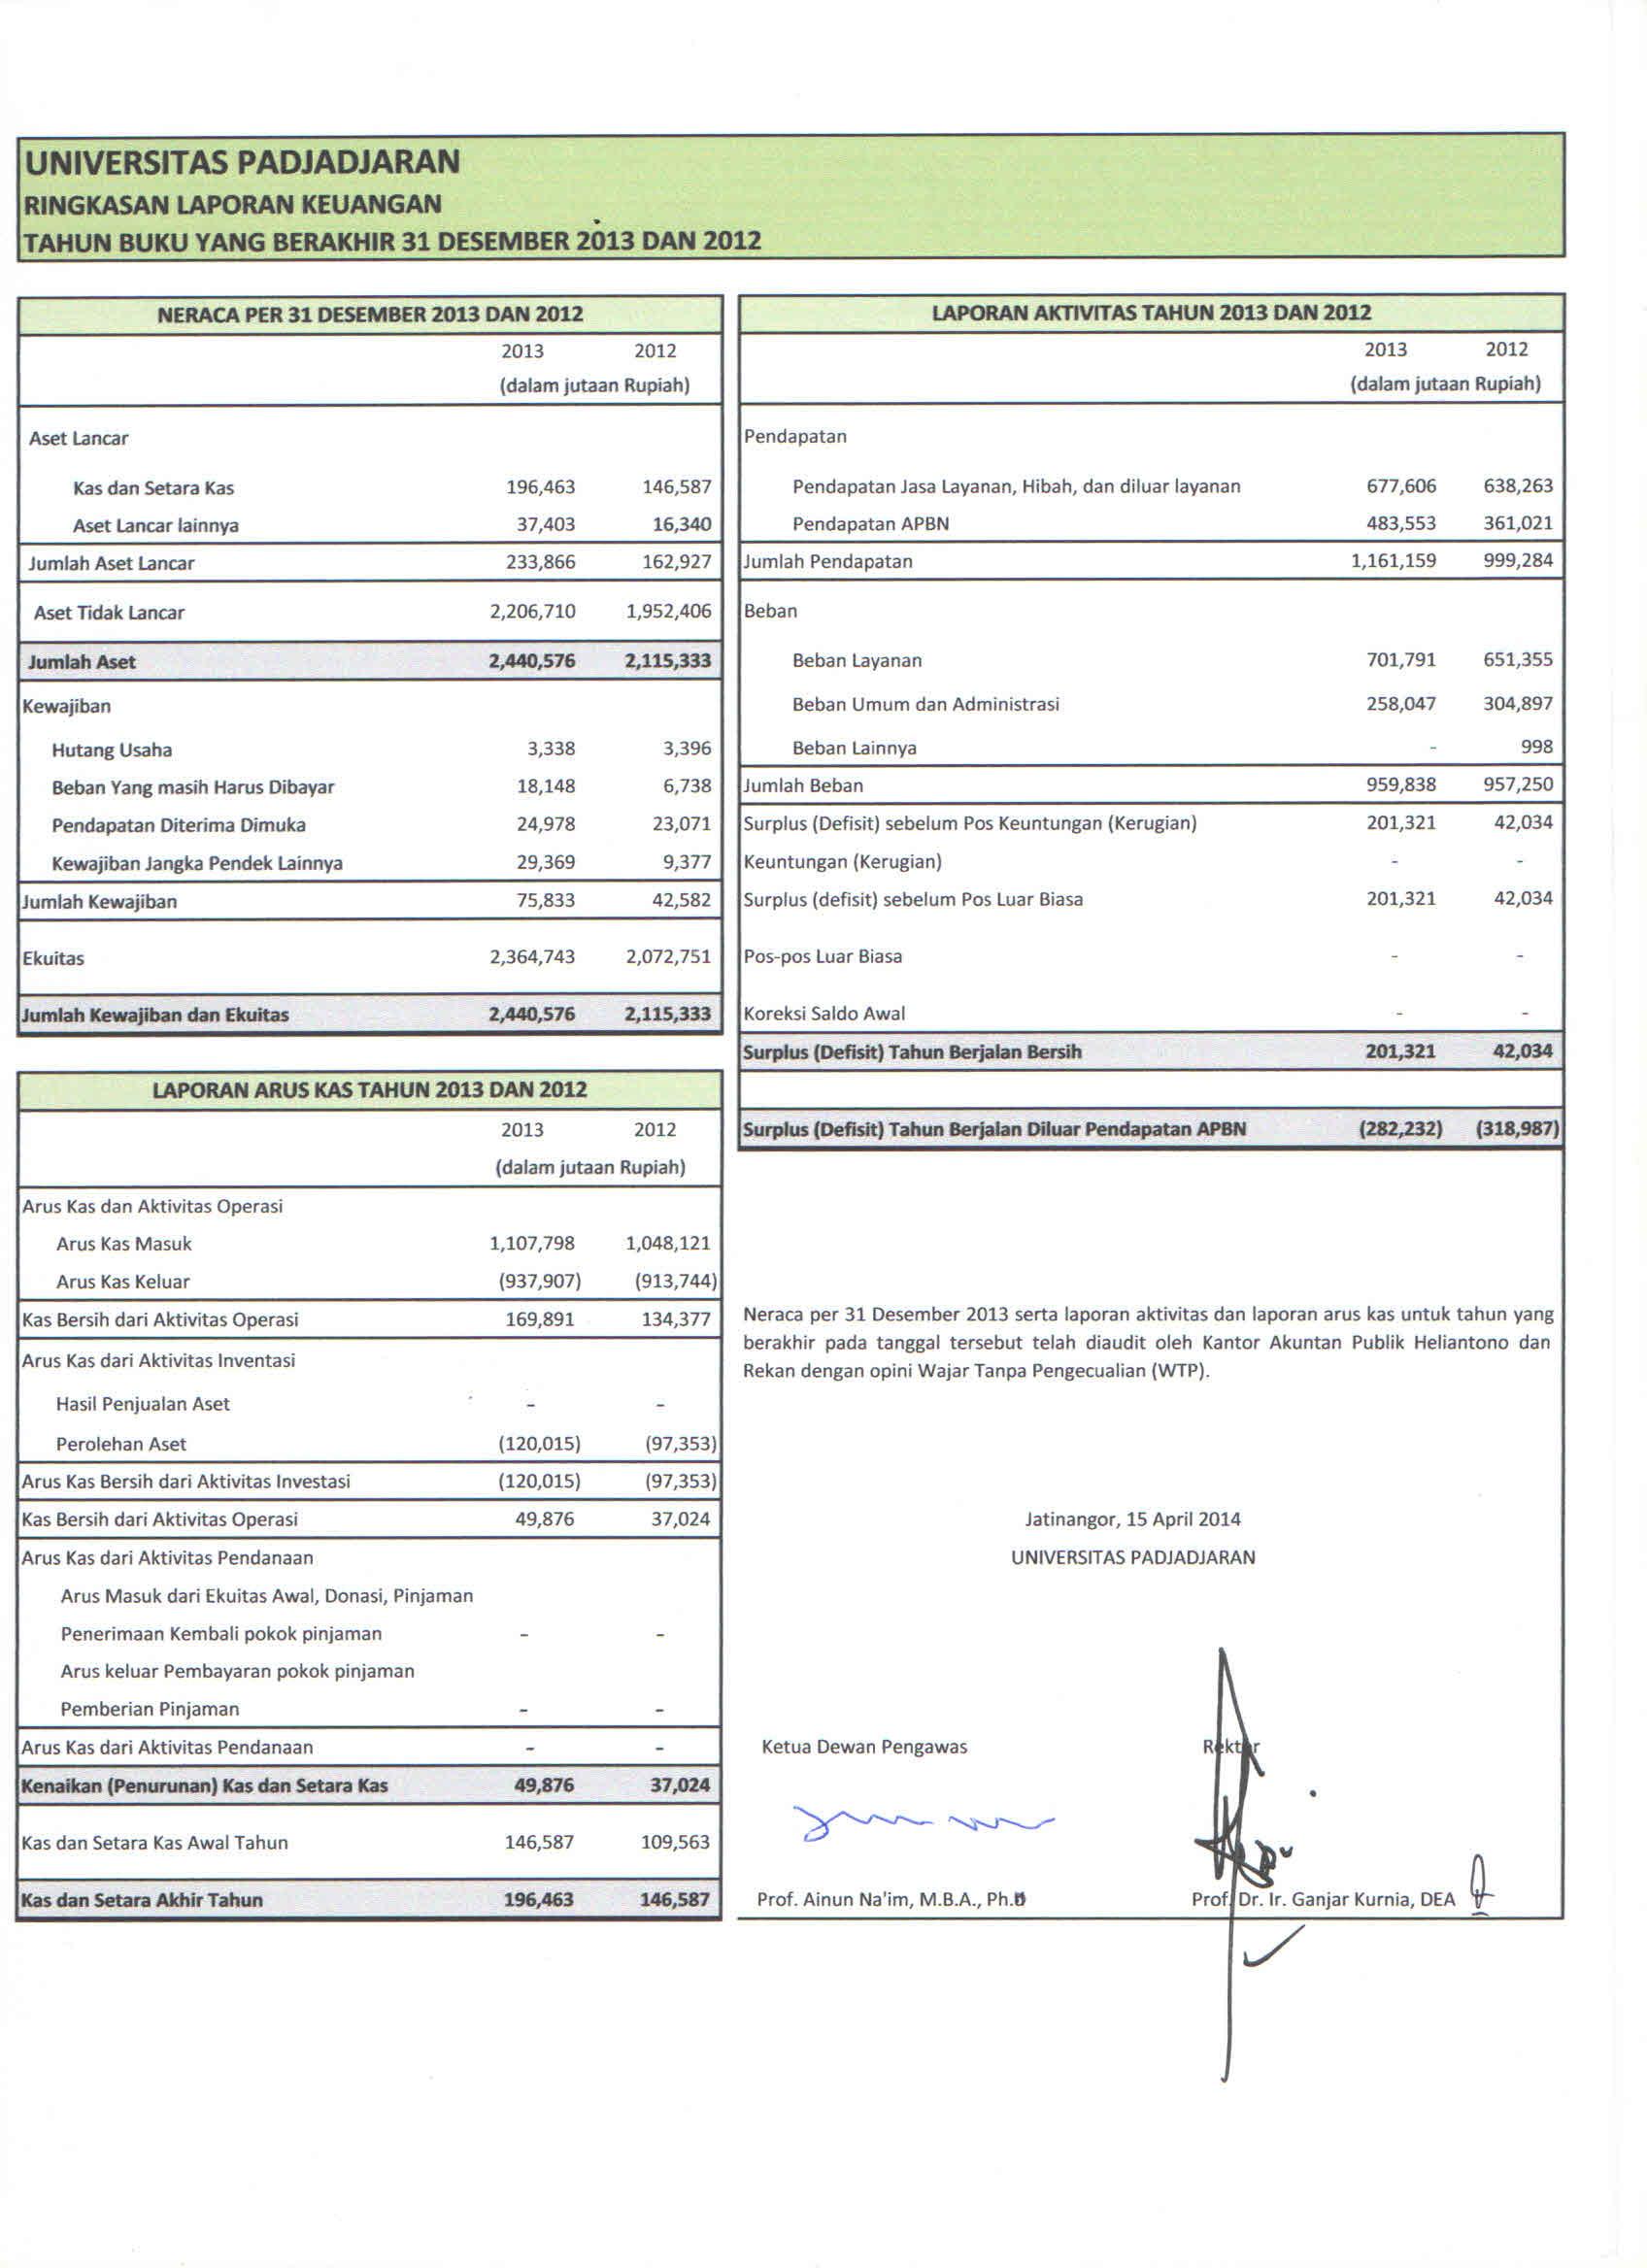 Judul Seminar Akuntansi Perpajakan Akuntansi Itu Mudah Memahami Akuntansi Dengan Kesederhanaan 2336 Jpeg 306kb Analisa Laporan Keuangan Kuliah Akuntansi Caroldoey